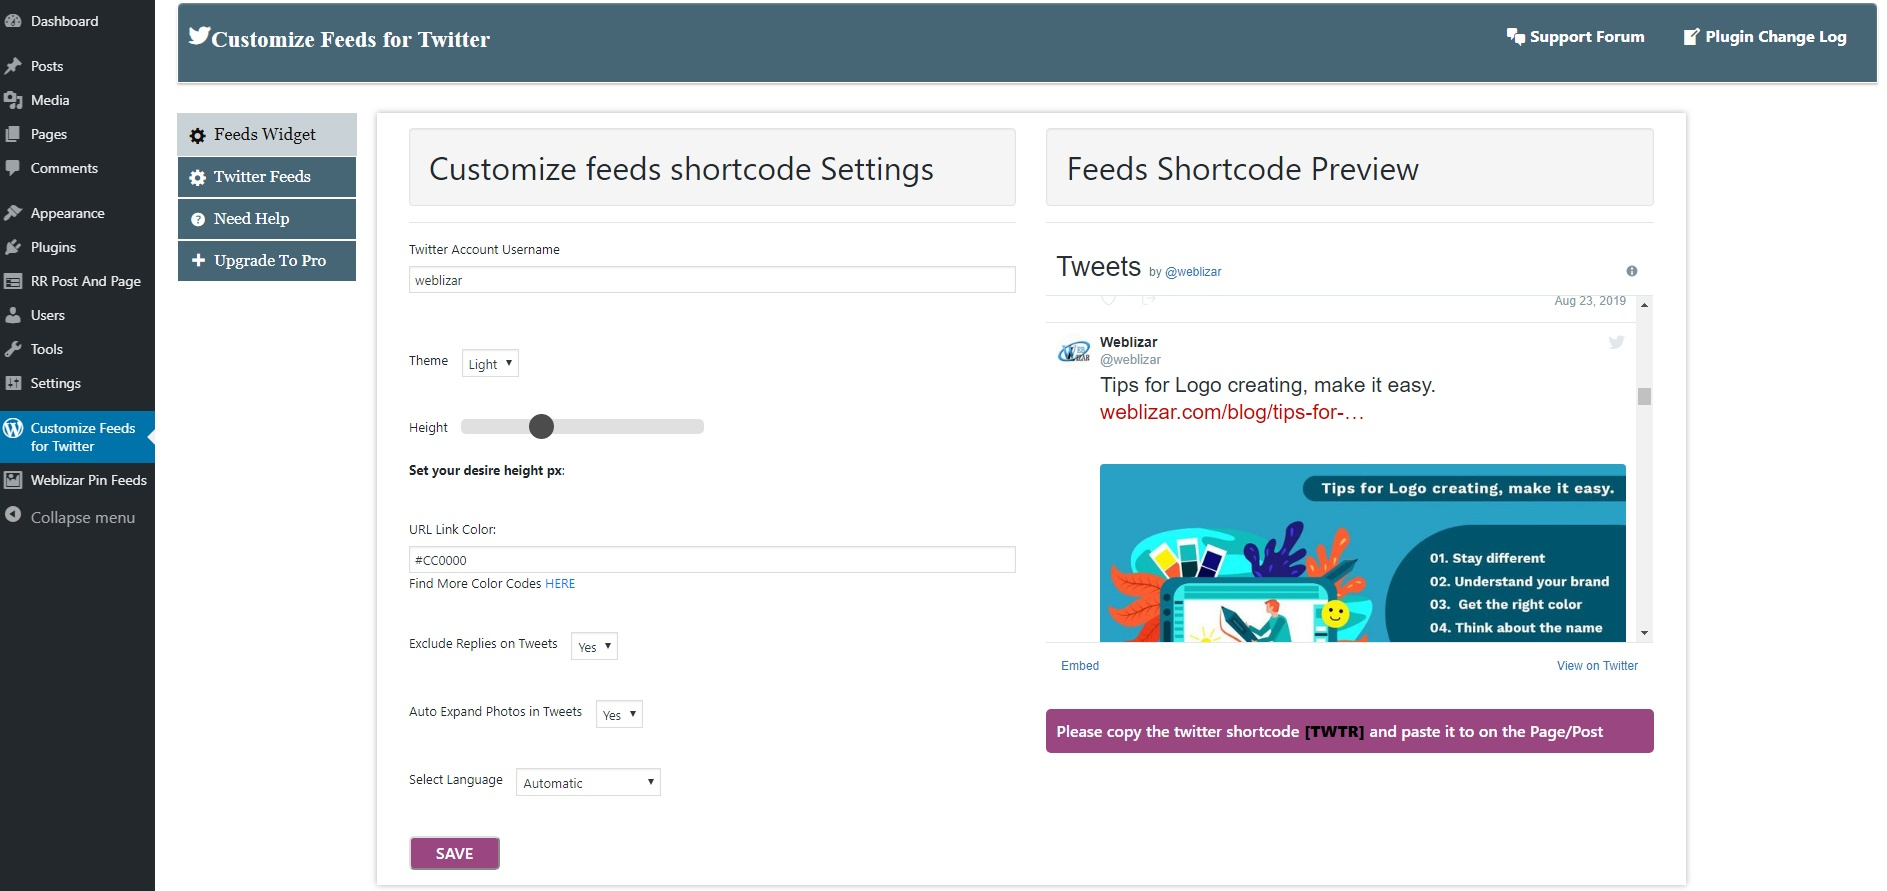 Twitter Tweets Feeds Widget Preview